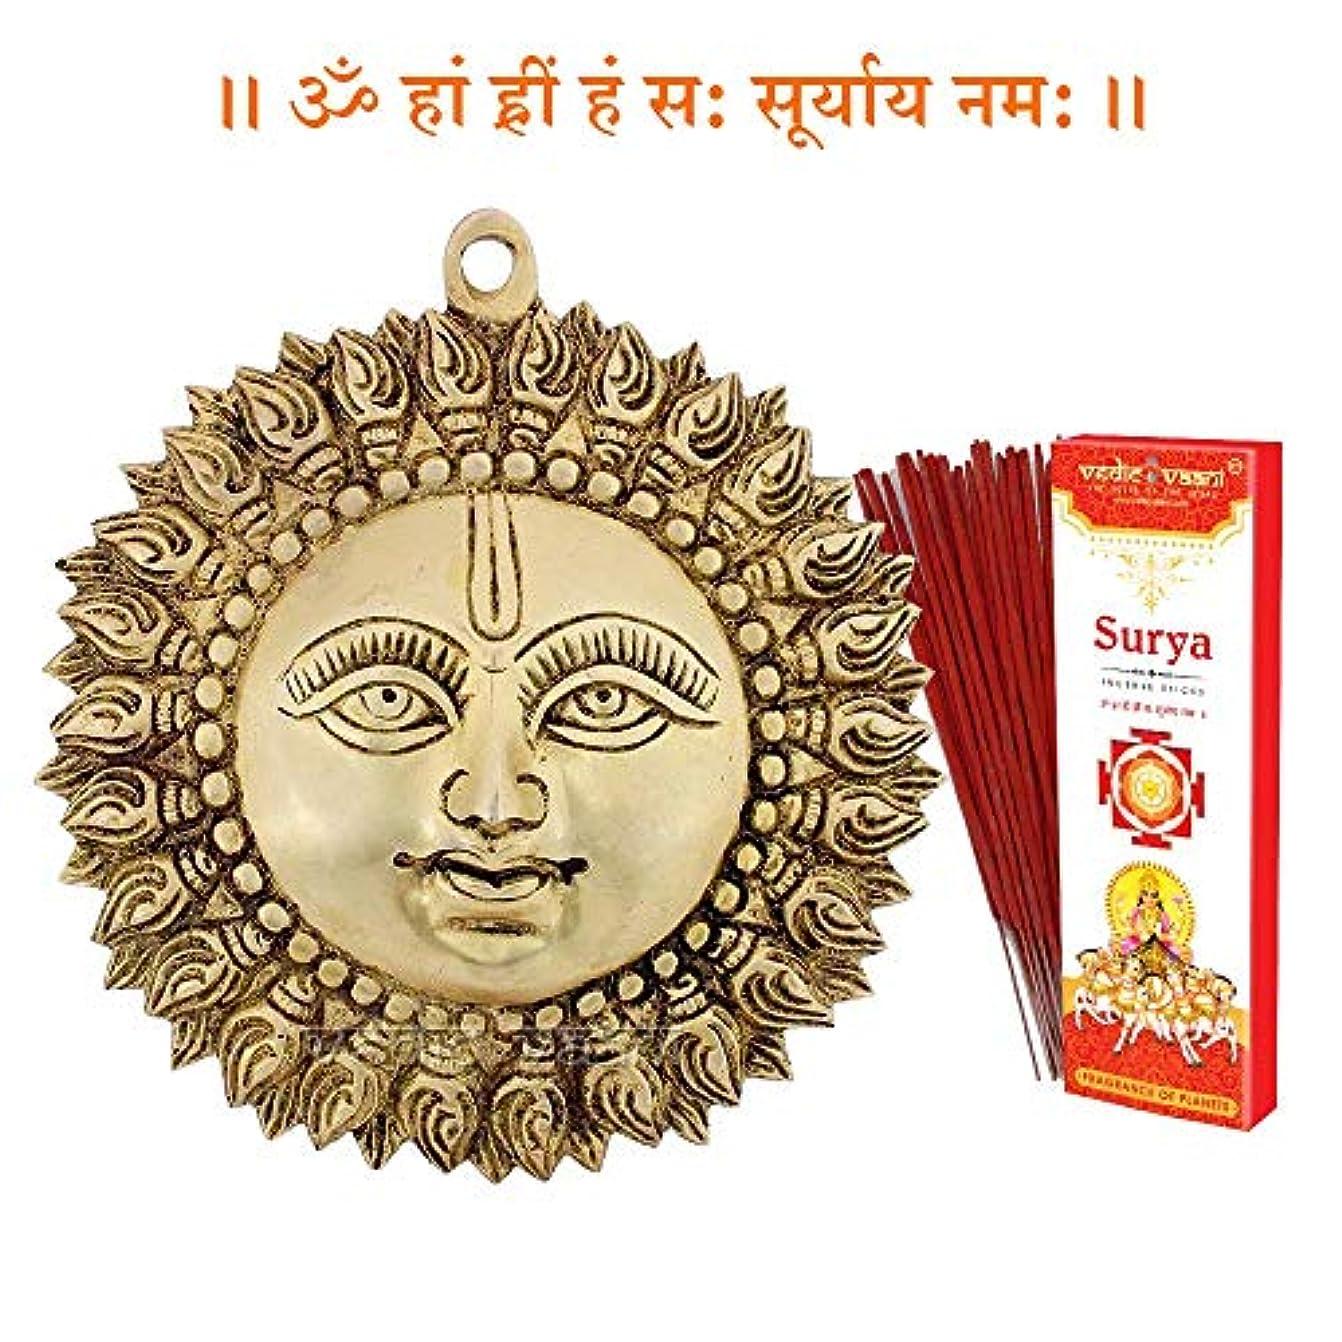 またね修正するトレイVedic Vaani Lord Surya Dev (Sun) 壁掛け Surya お香スティック付き